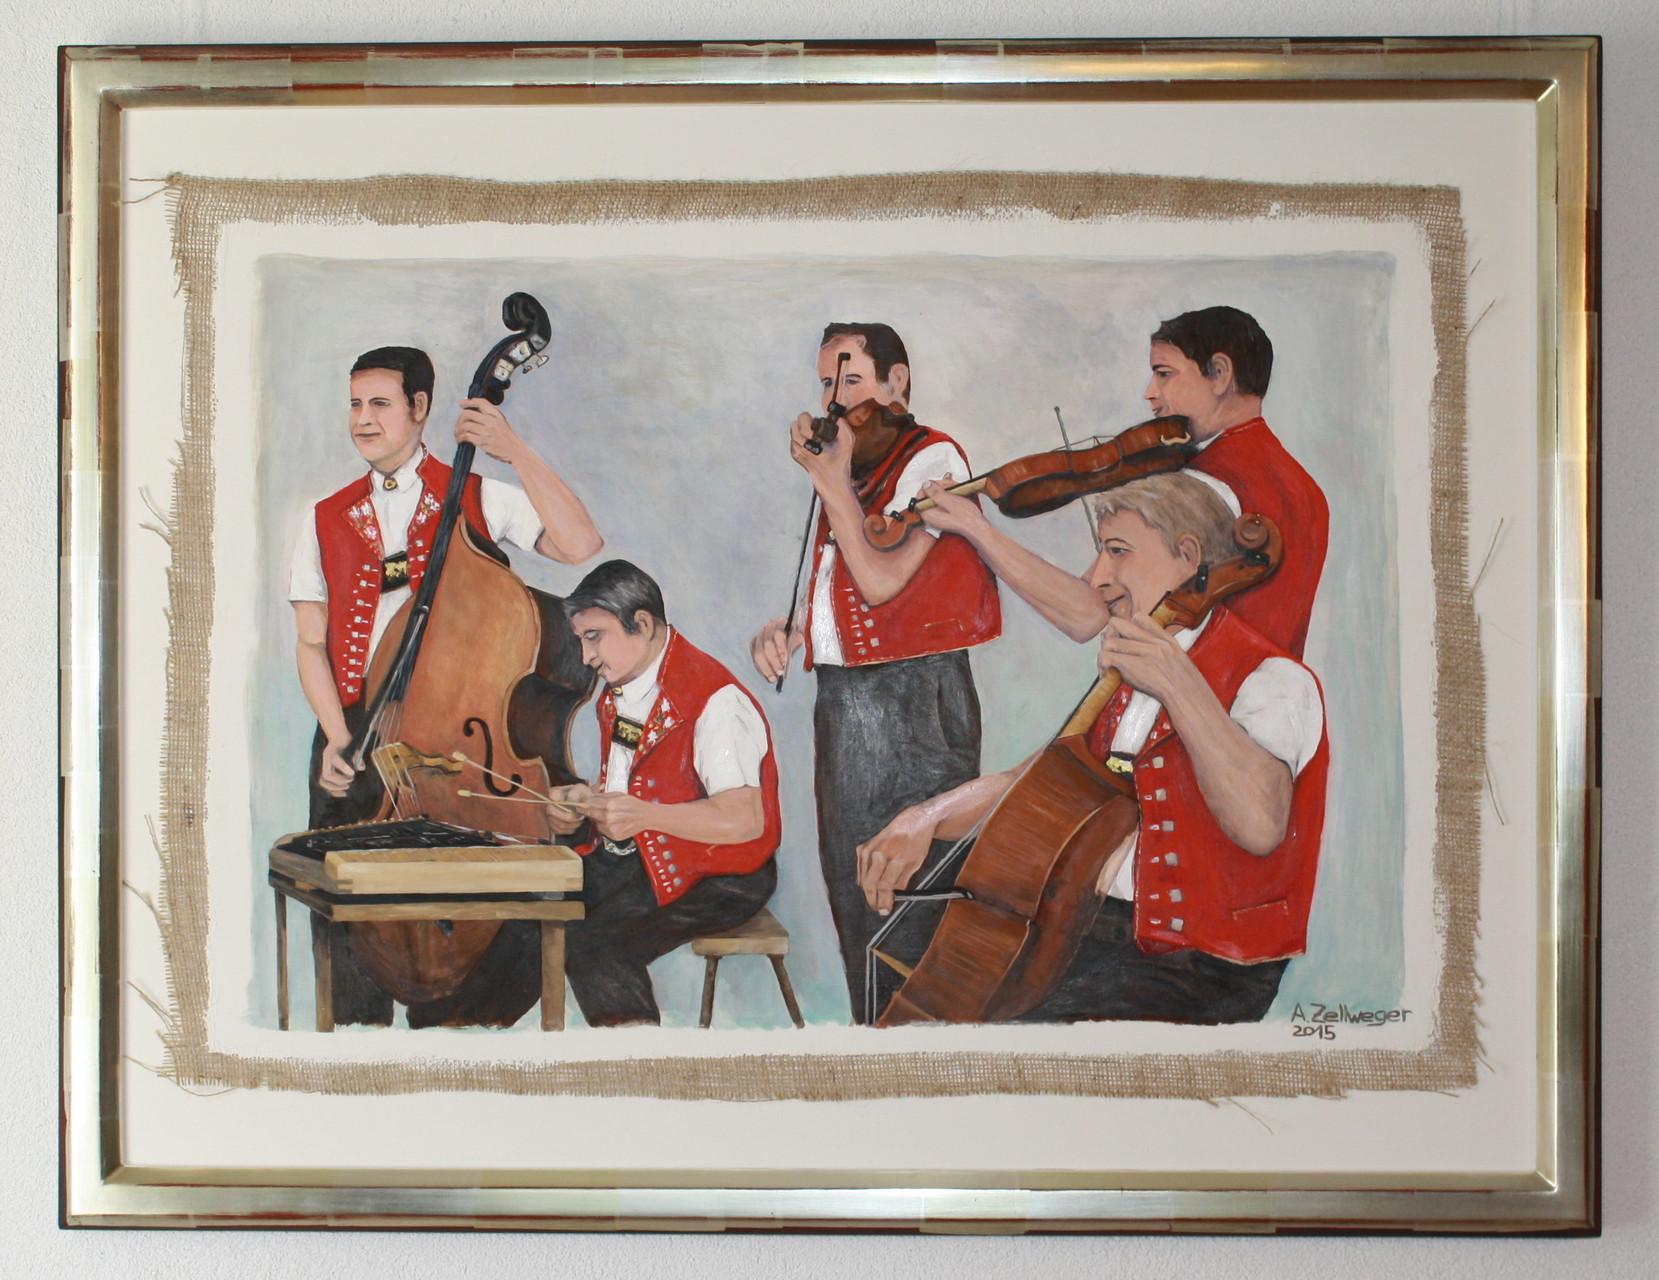 Oel/ Rahmen Weissgold Aussenmass 95 x 75 cm Fr. 5'400.--